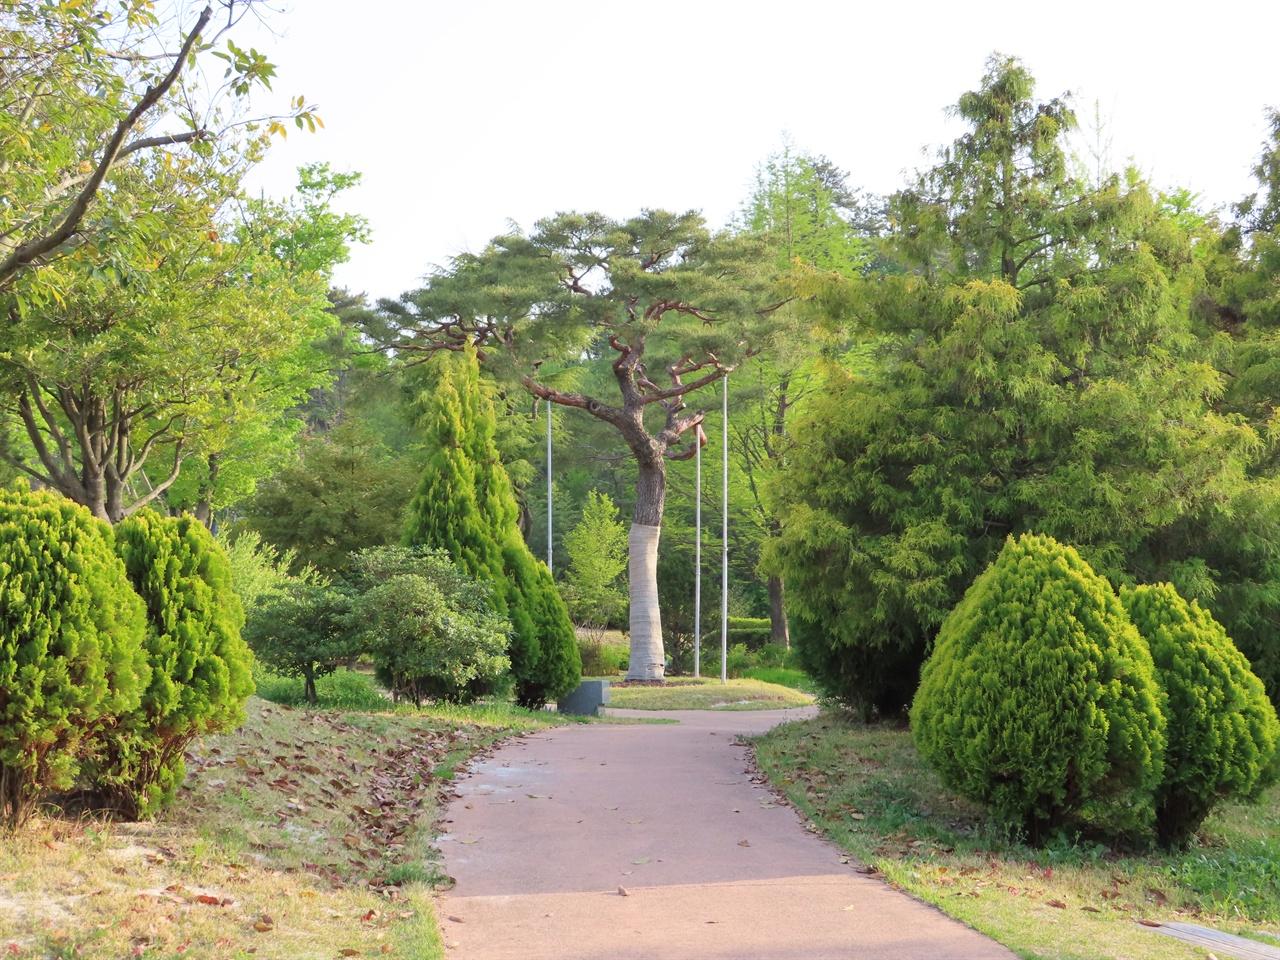 """지구정원 1번 소나무 중앙에 보이는 소나무가 정원박람회 조성 중에 첫 번째로 옮겨 심은 나무인 """"지구정원 1번 소나무""""이다. 헬기로 들어 올리려 해도 움직이지도 않던 소나무에게 막걸리를 바치고서야 옮길 수 있었다고 한다."""